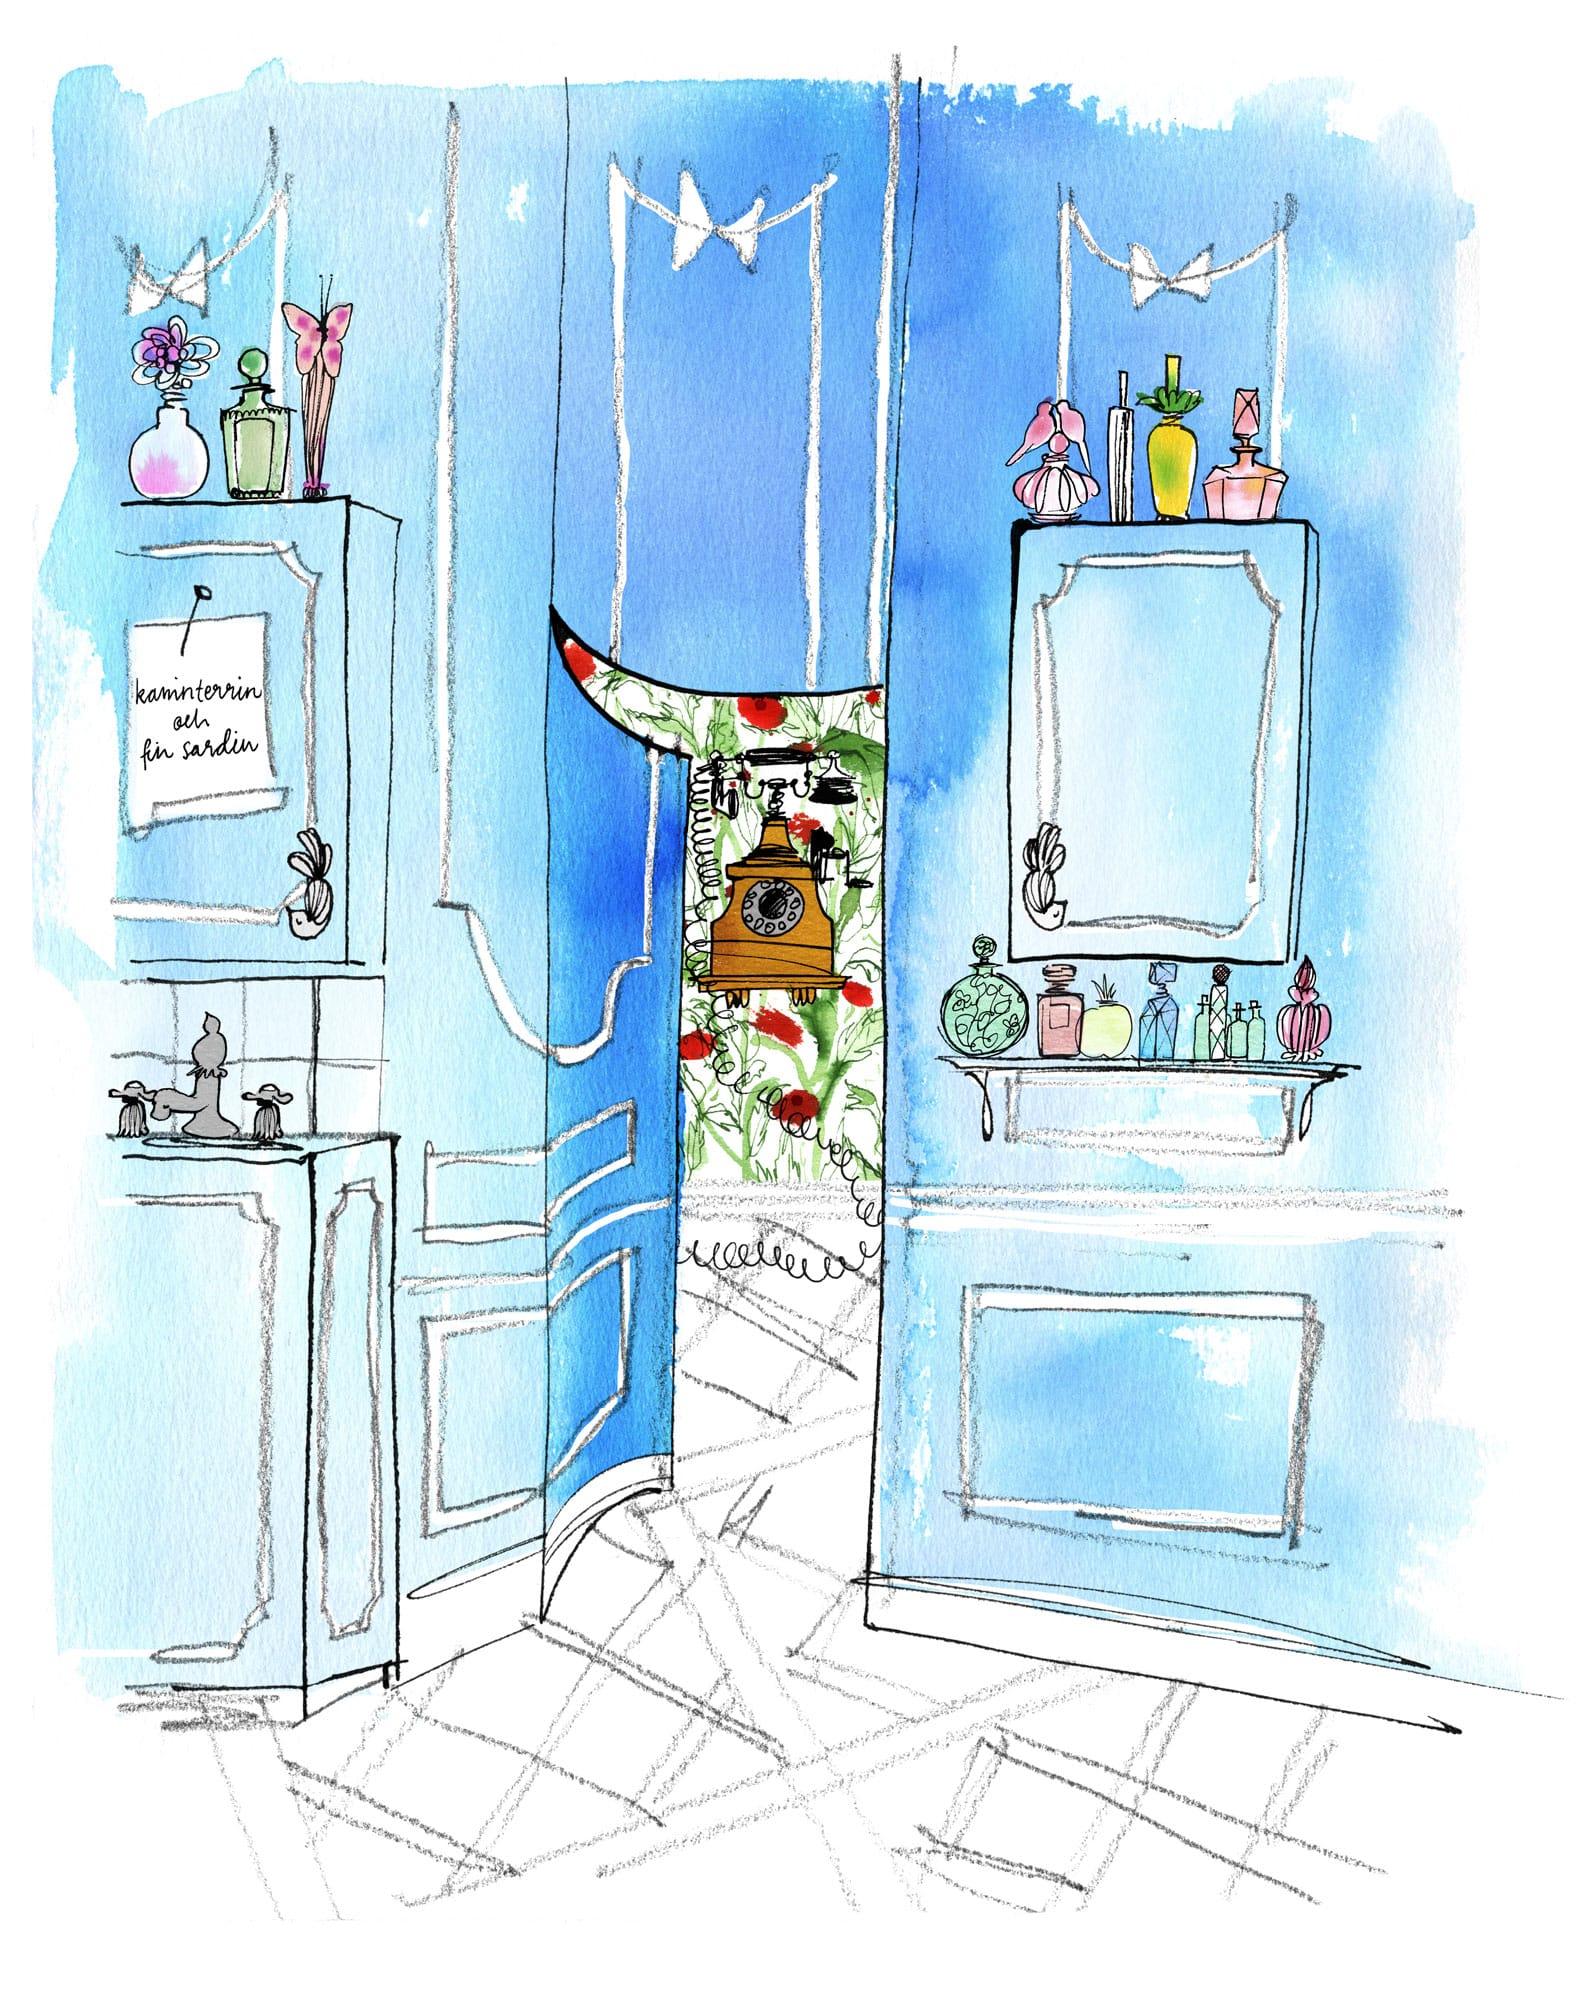 Lovisa-Burfitt-illustration-sardiner-vaggtelefon